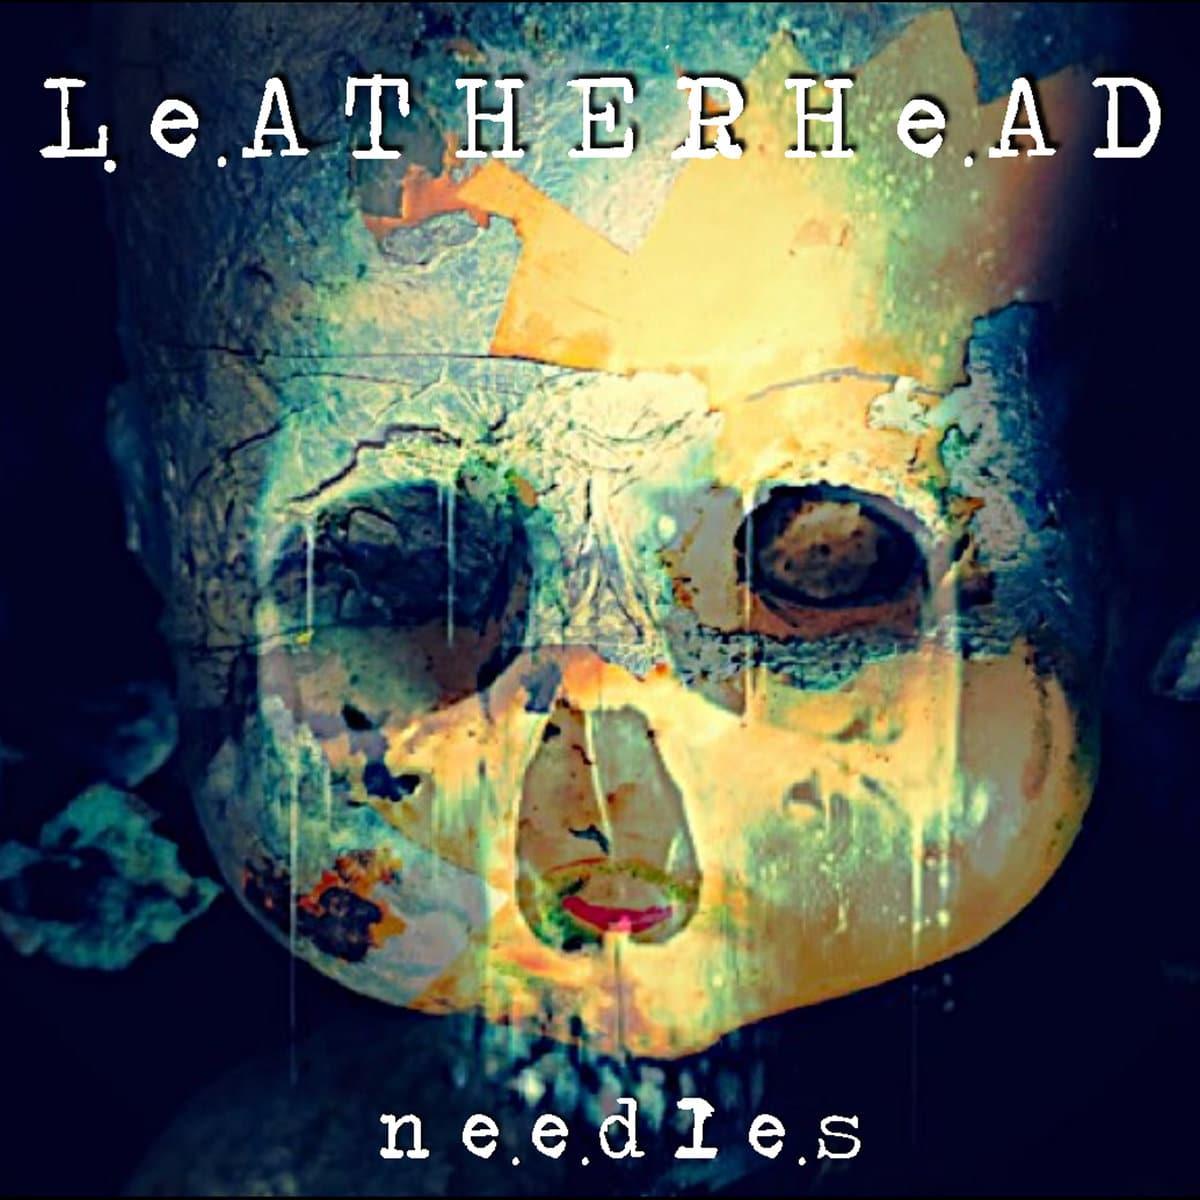 leatherhead needles